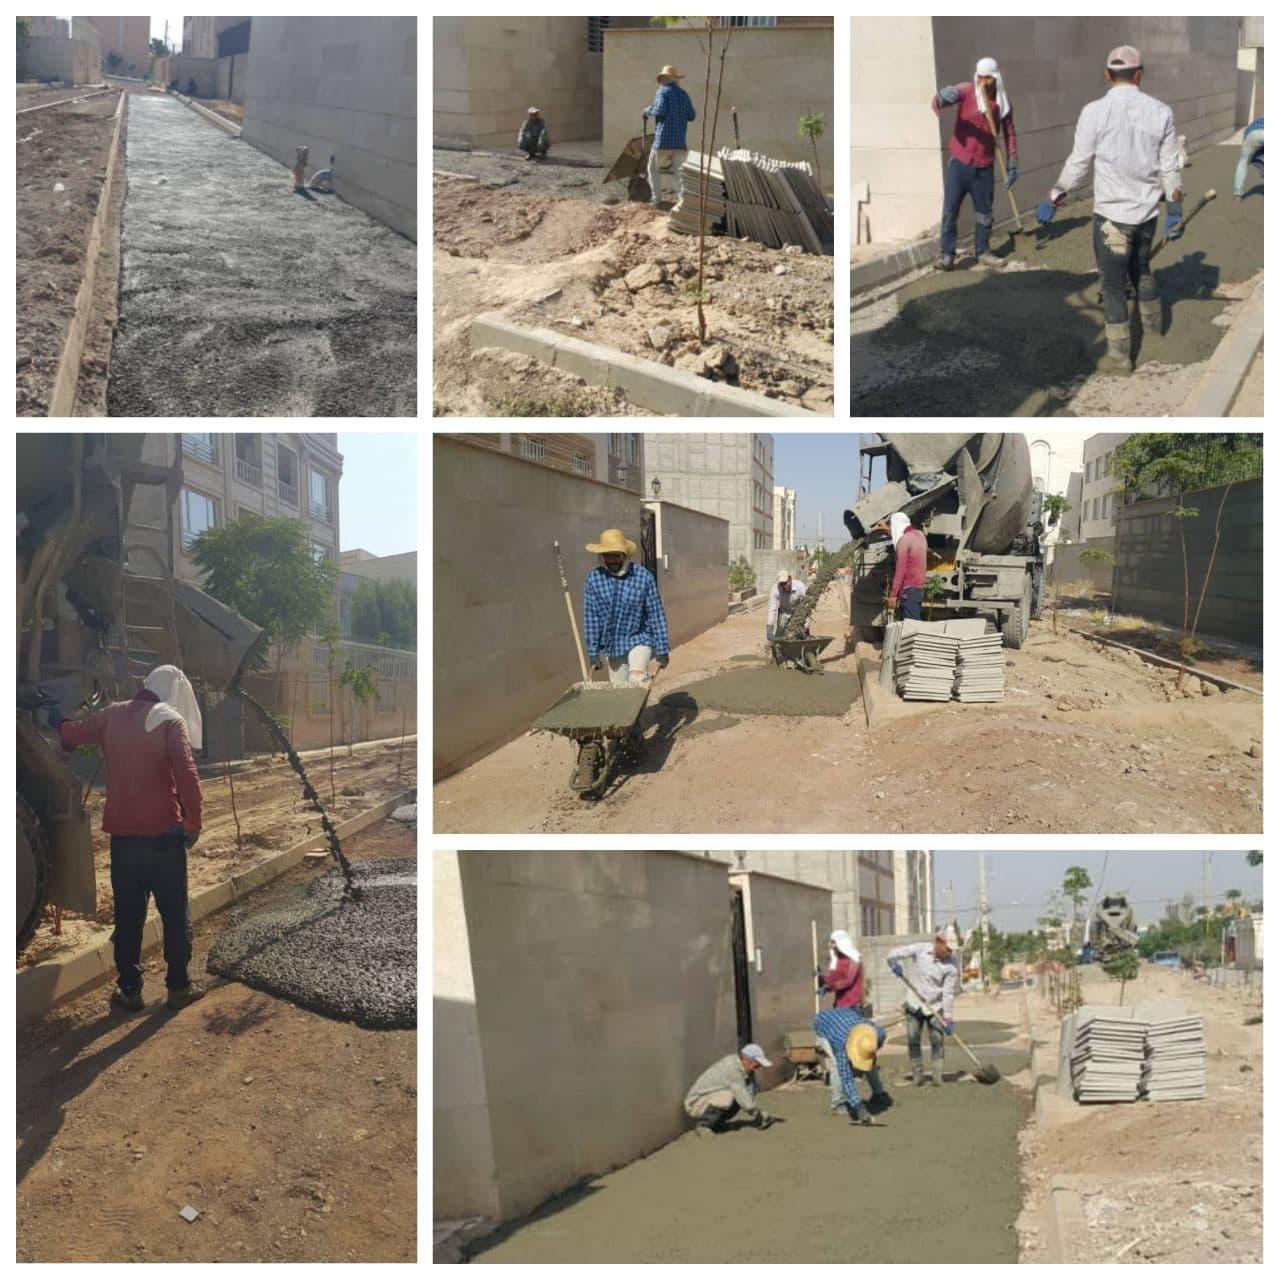 اجرای عملیات بهسازی و کفپوش معابر شهر پرند دورِ جدید بهسازی معابر در دست اجرا